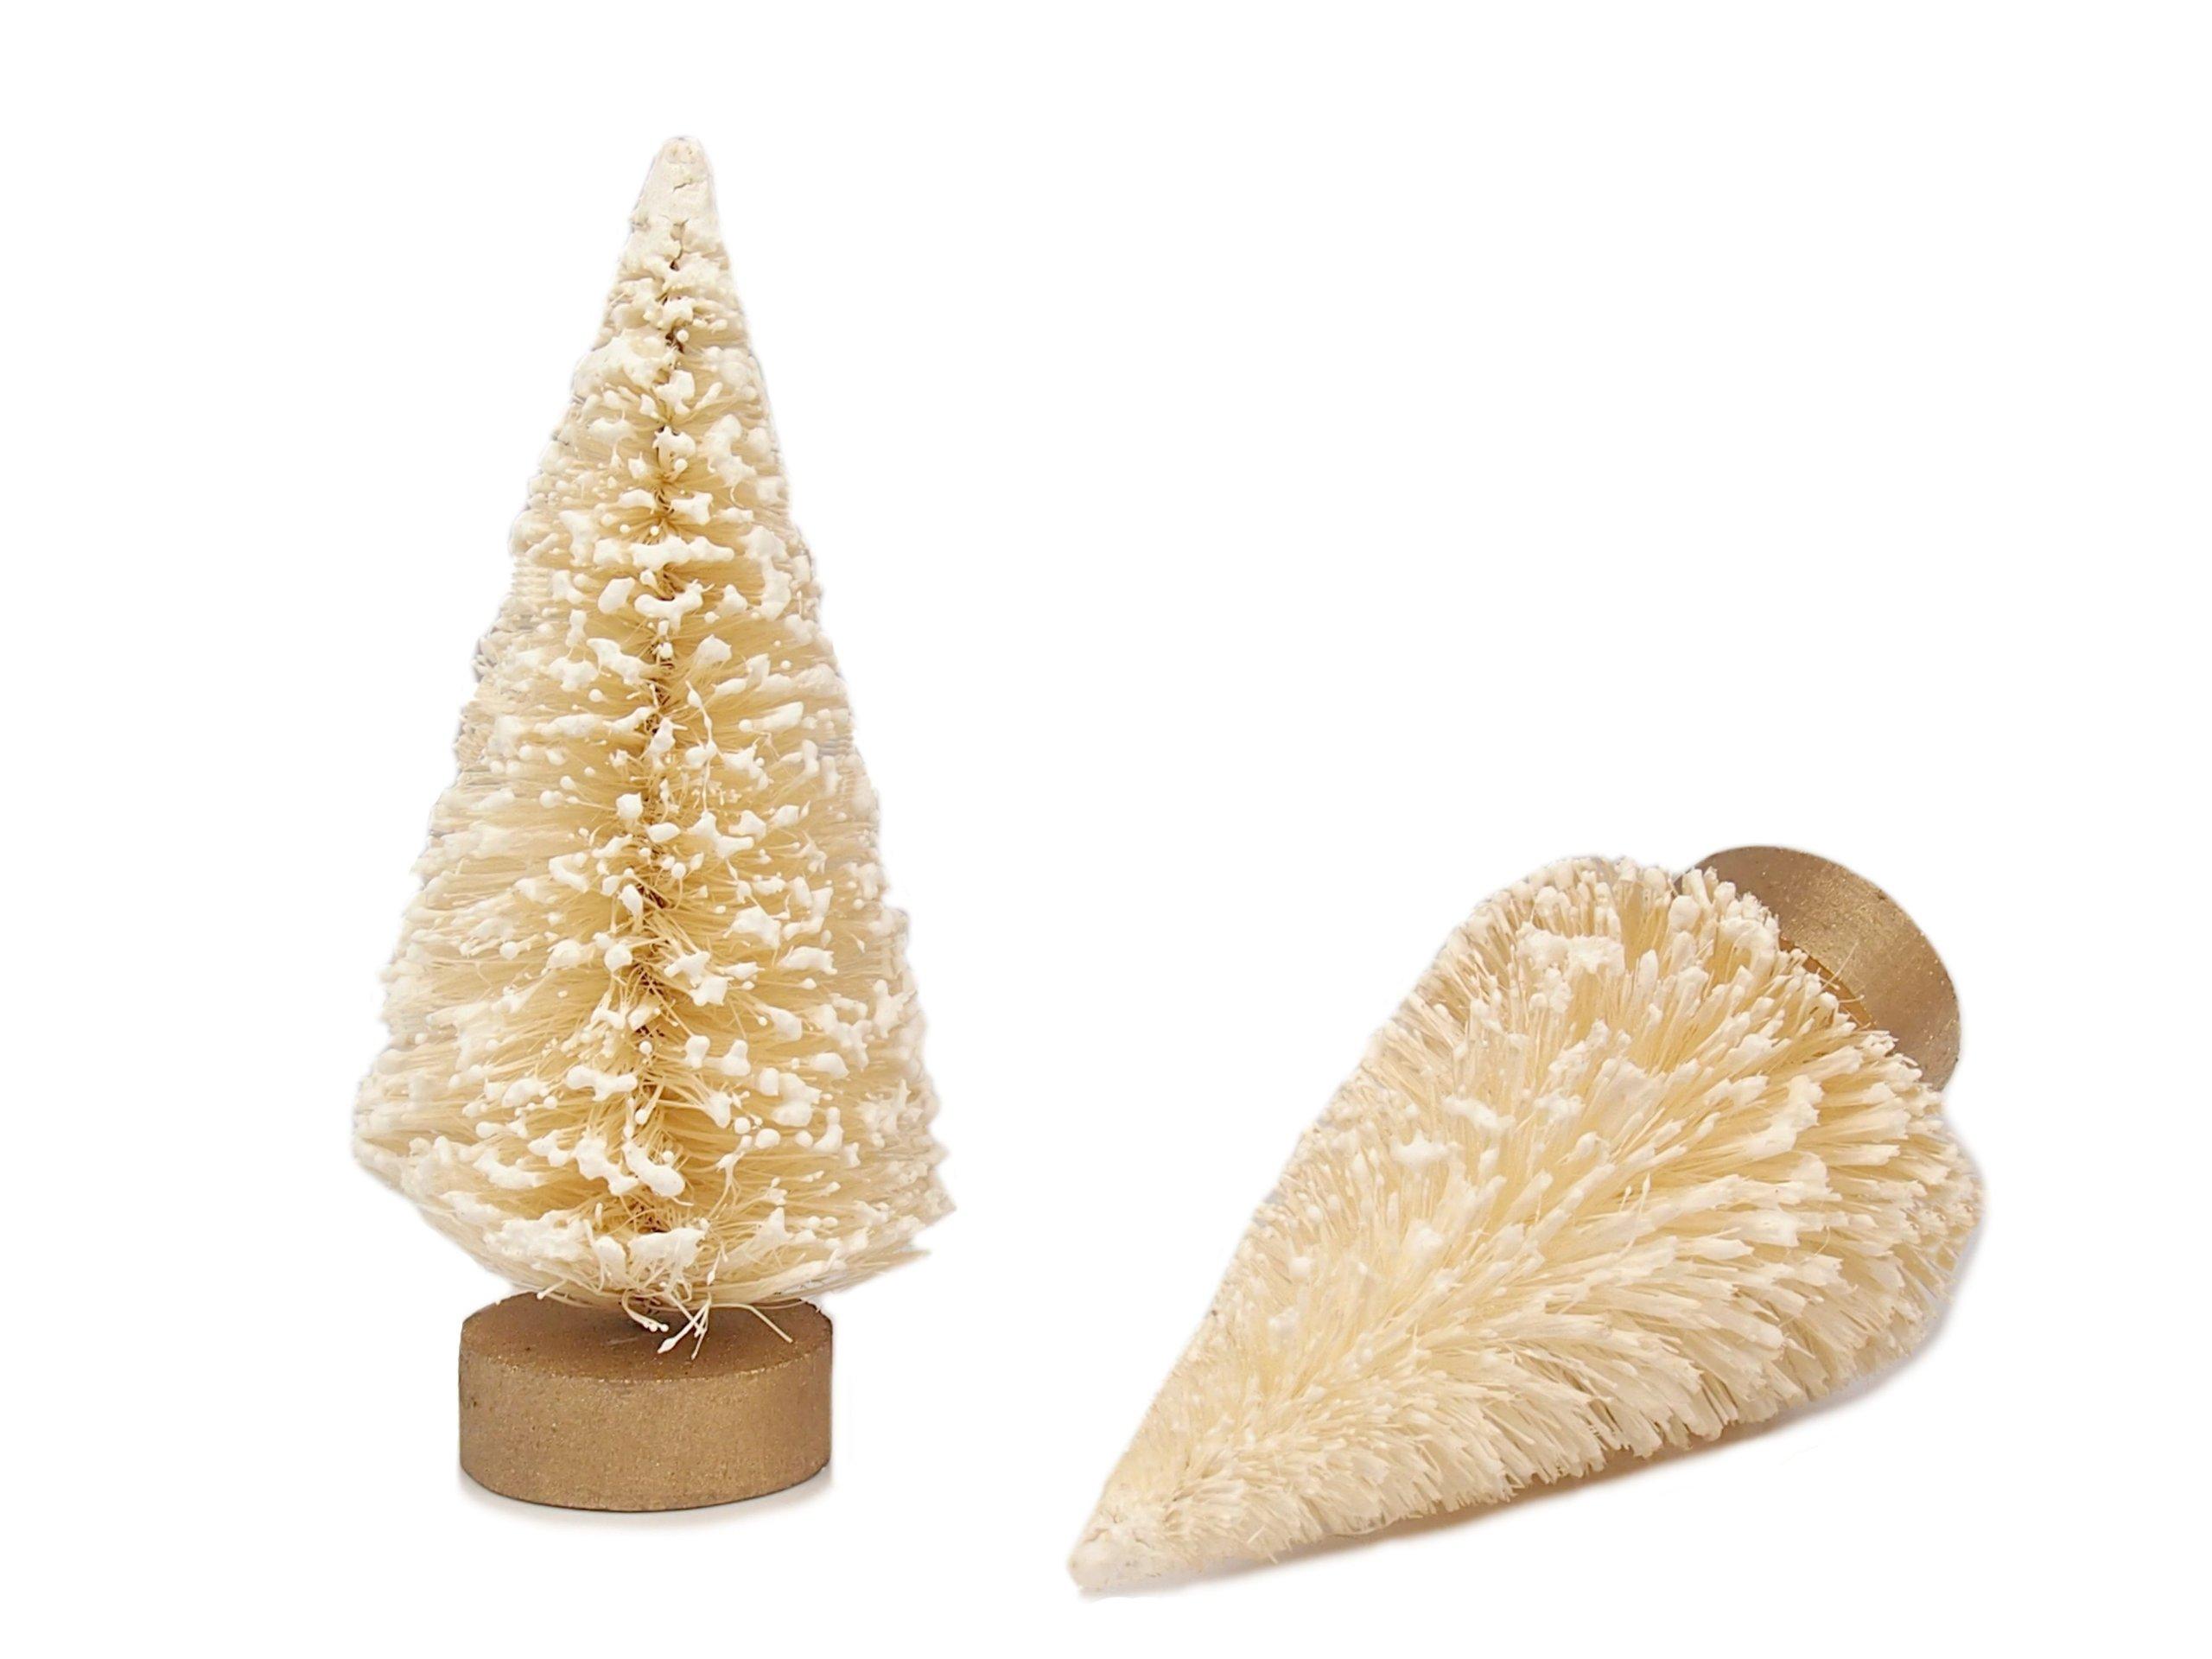 Vianočný strom Vianočný strom dekorácie pre hviezdnu 17 cm